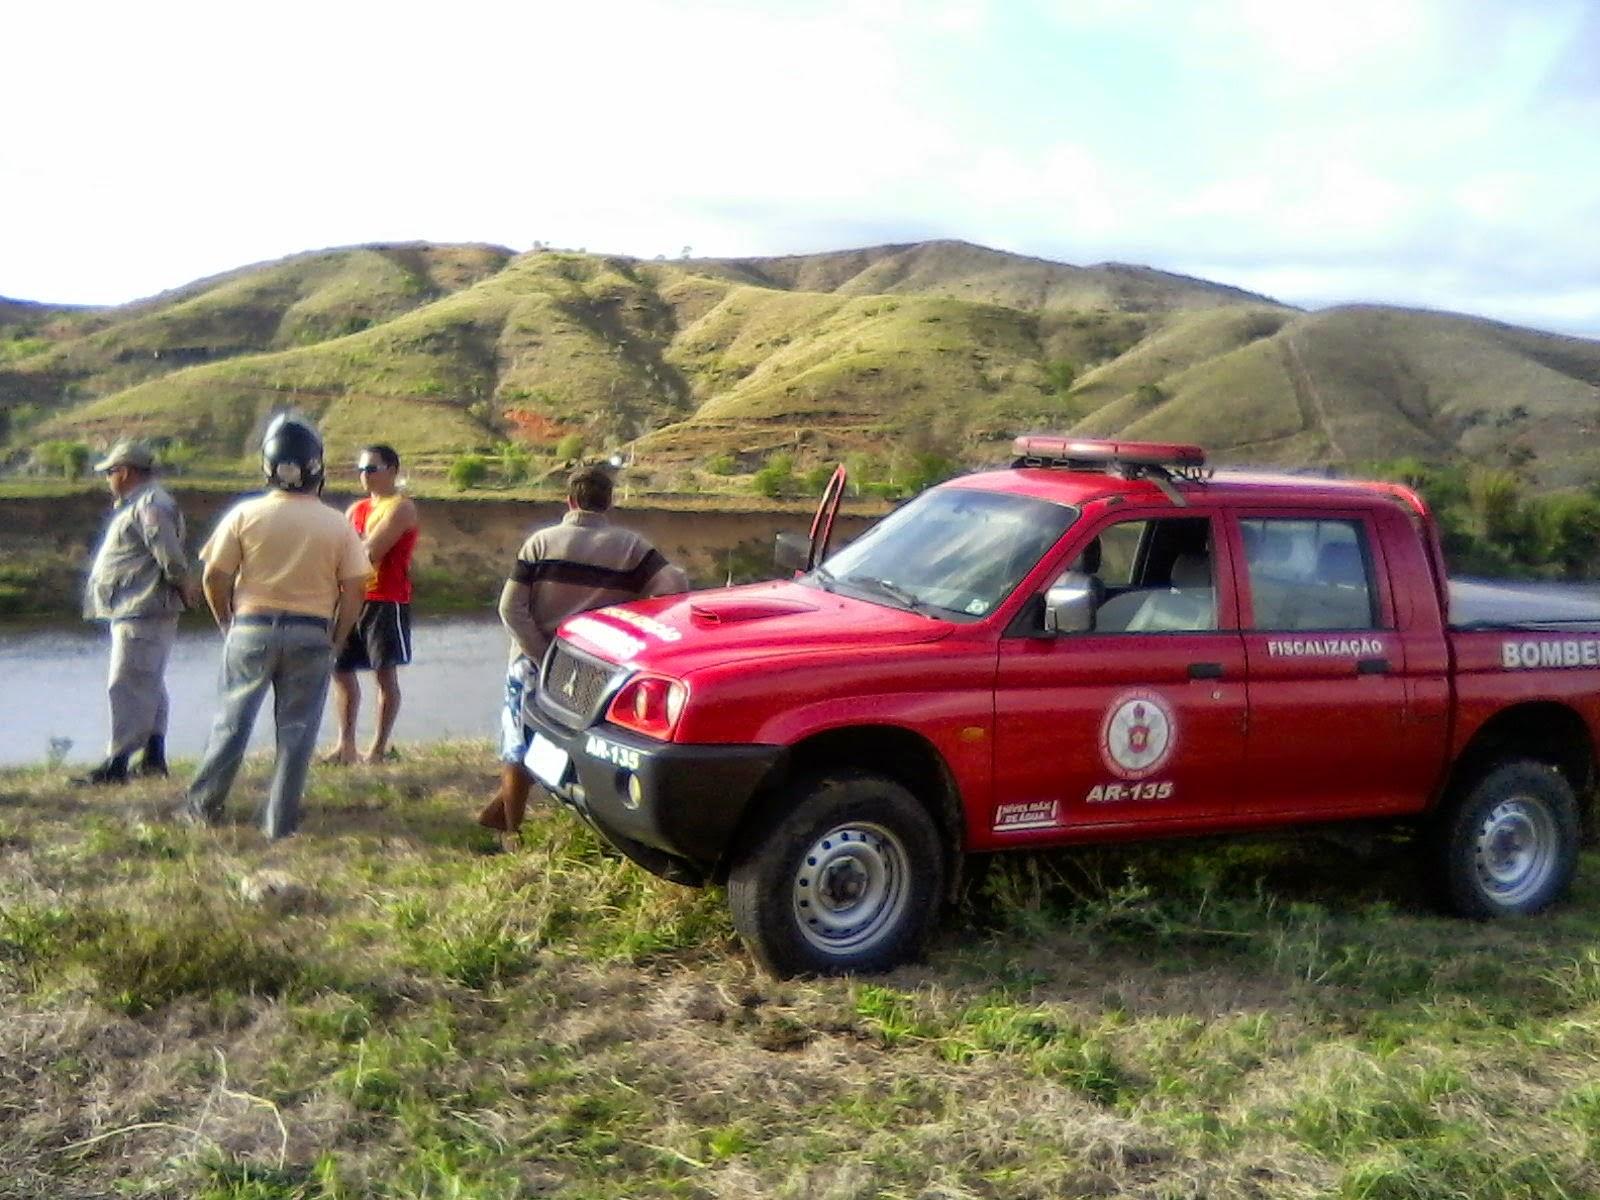 CARDOSO MOREIRA: CORPOS DE CRIANÇA E HOMEM AFOGADOS SÃO ENCONTRADOS